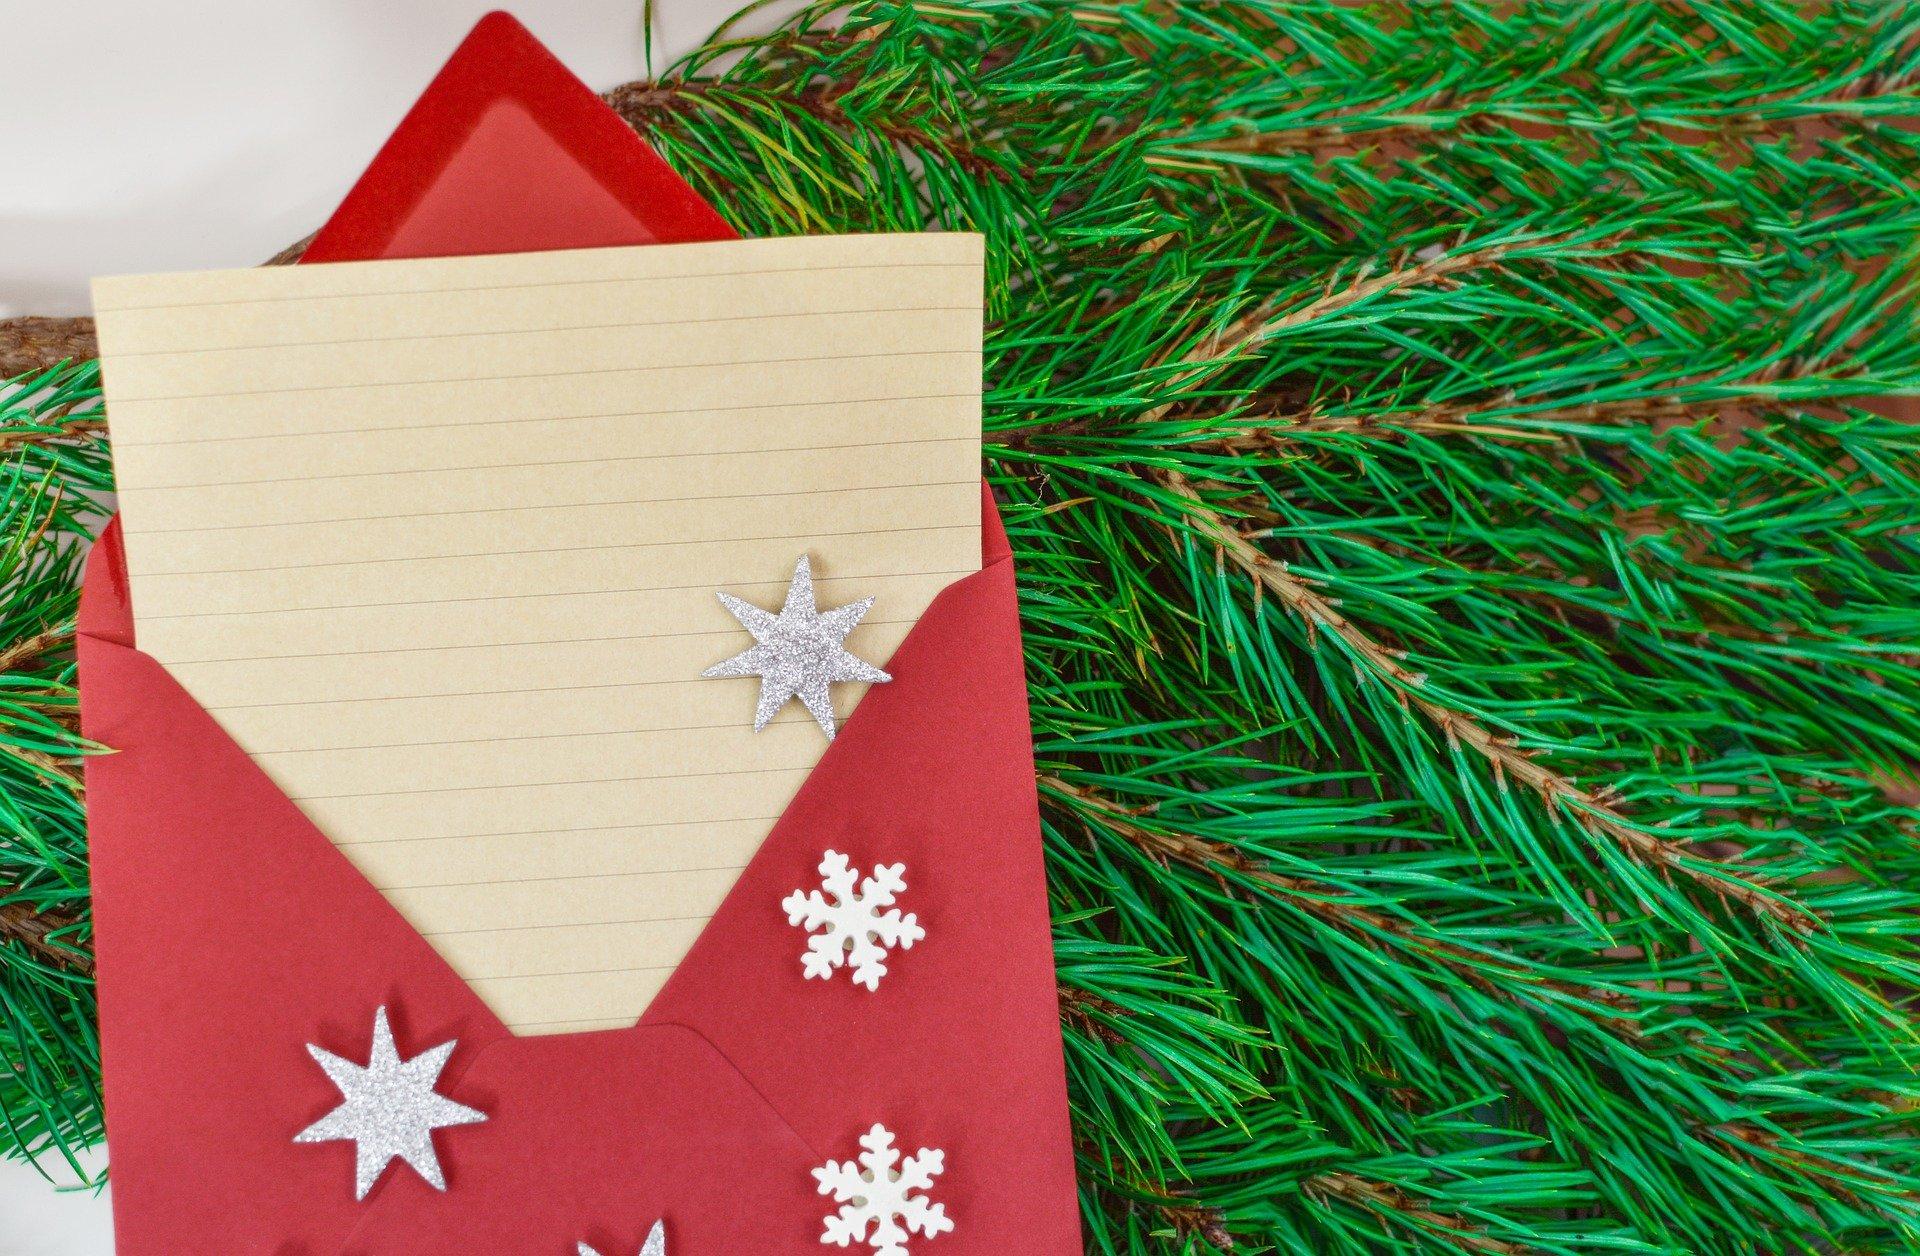 Hattemers ontvangen de meeste kerstkaarten van Gelderland